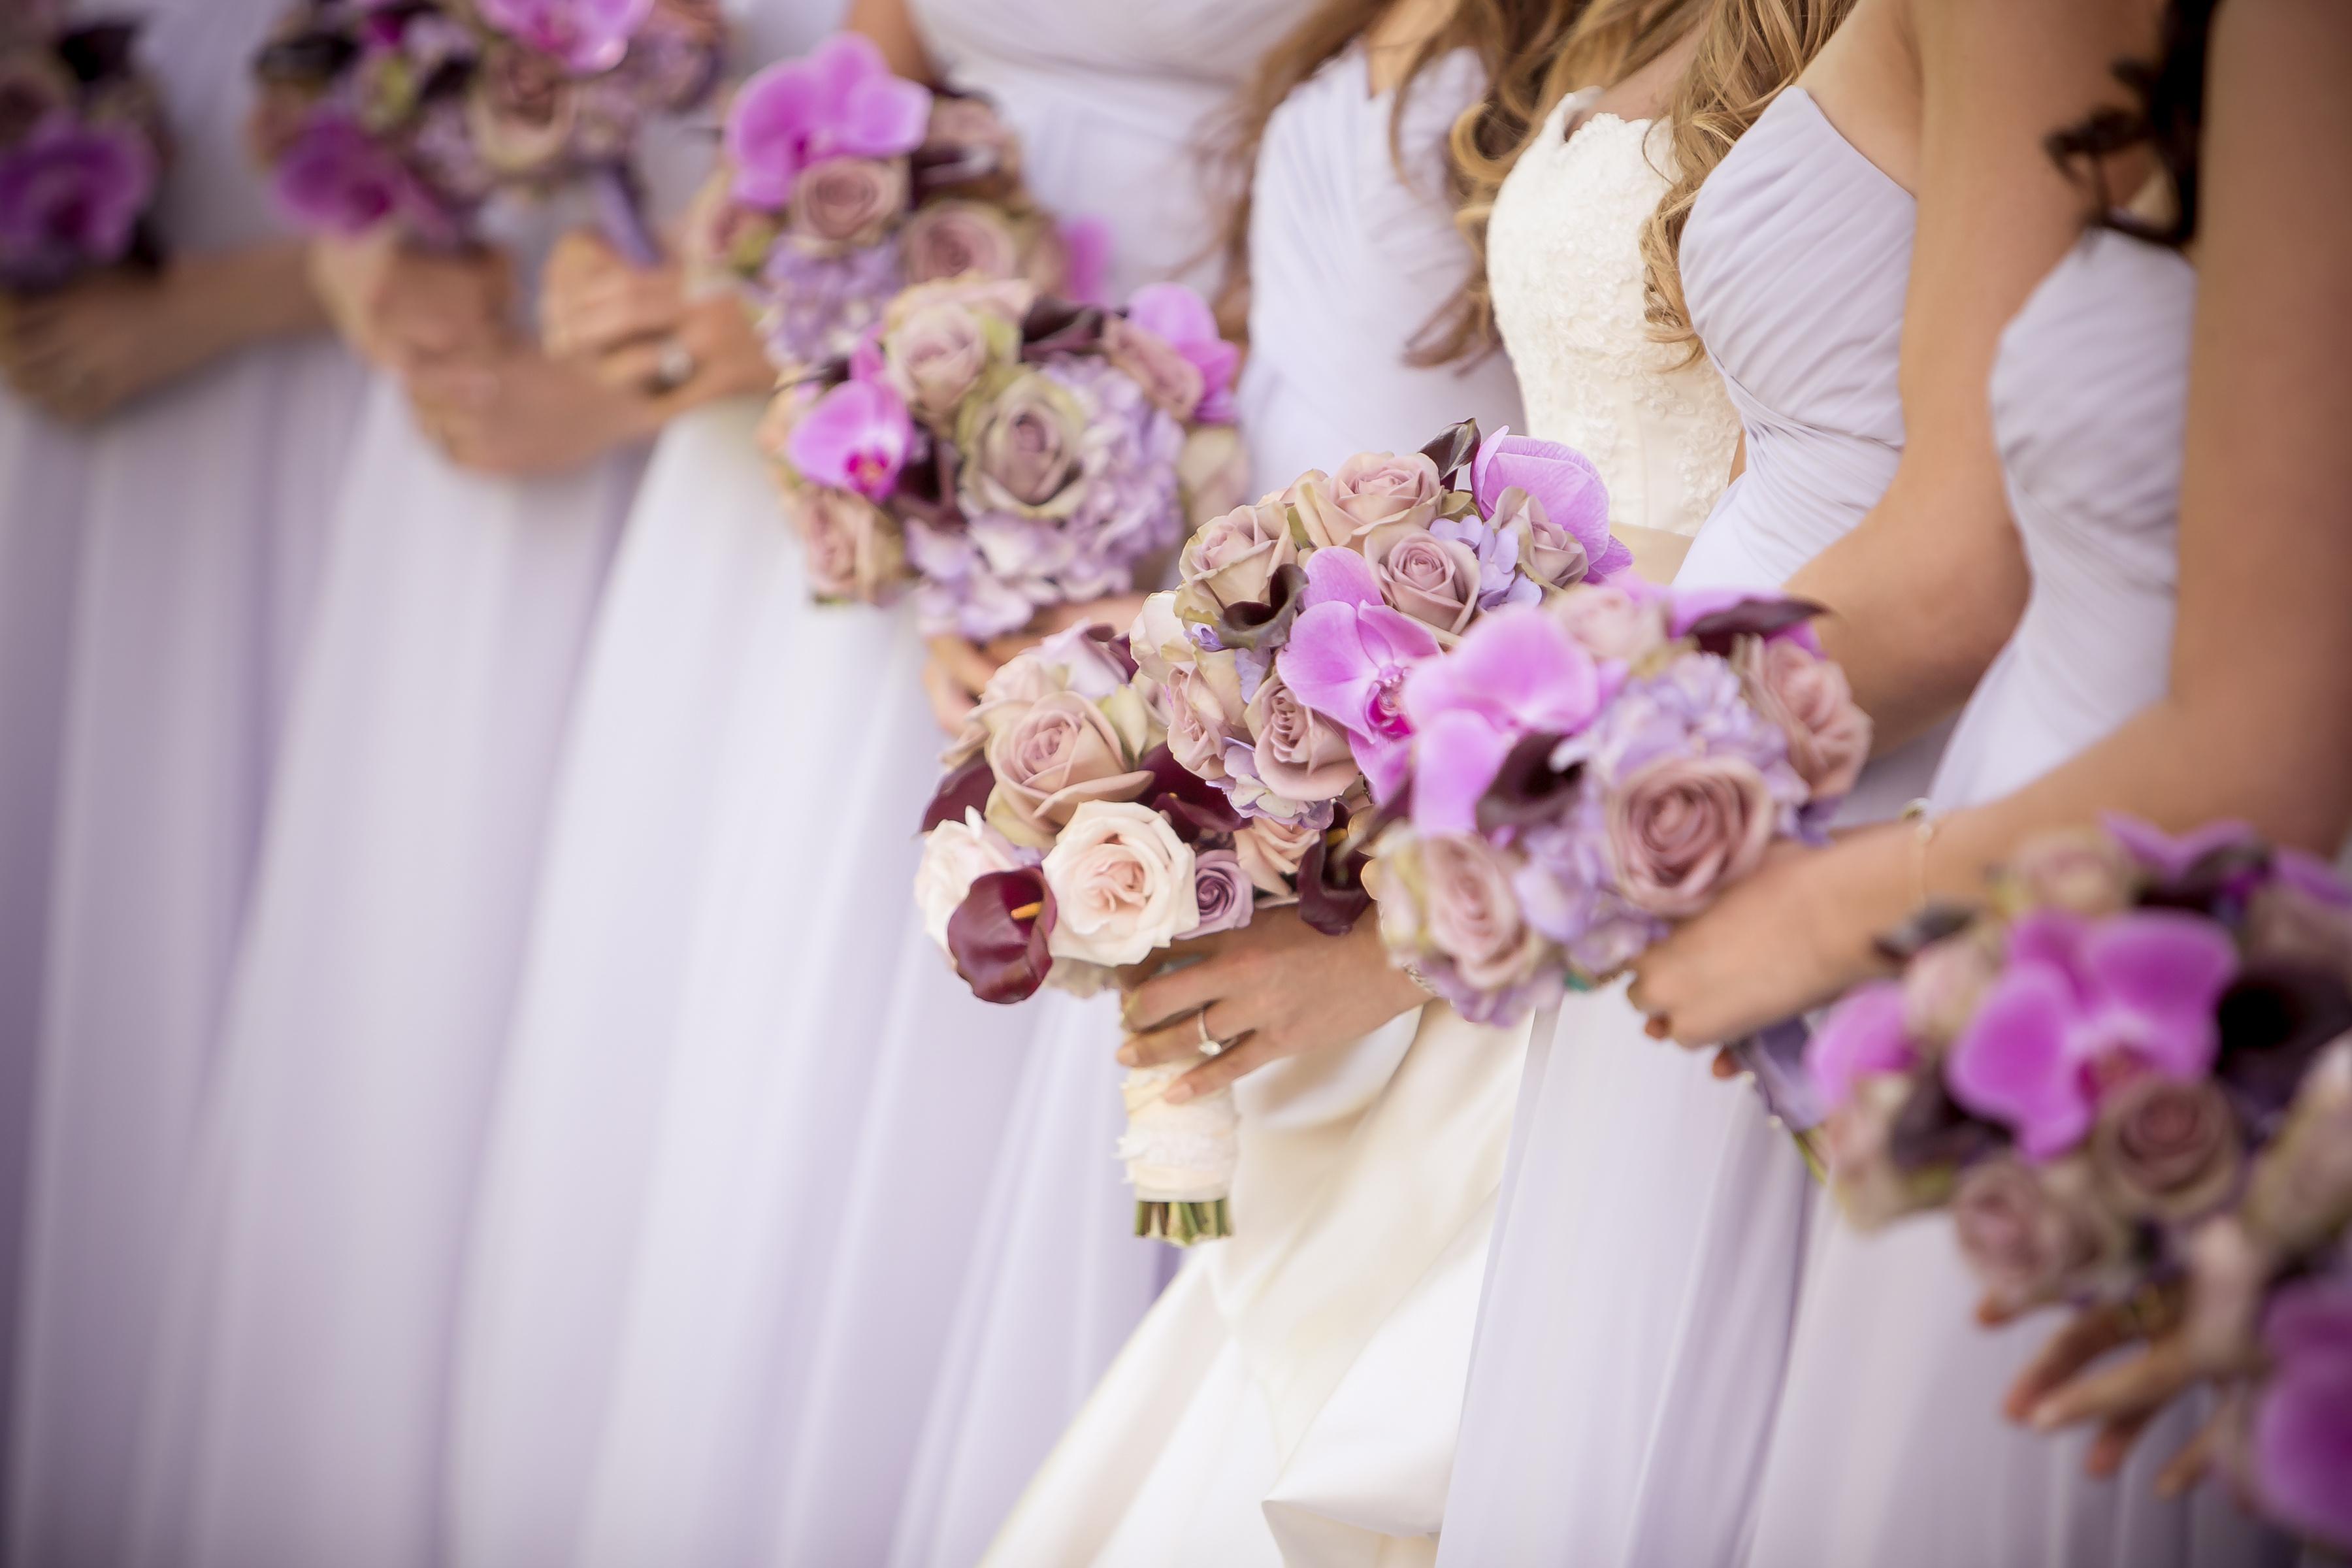 Jenn + Wes's Wedding - Jamie O' + Co